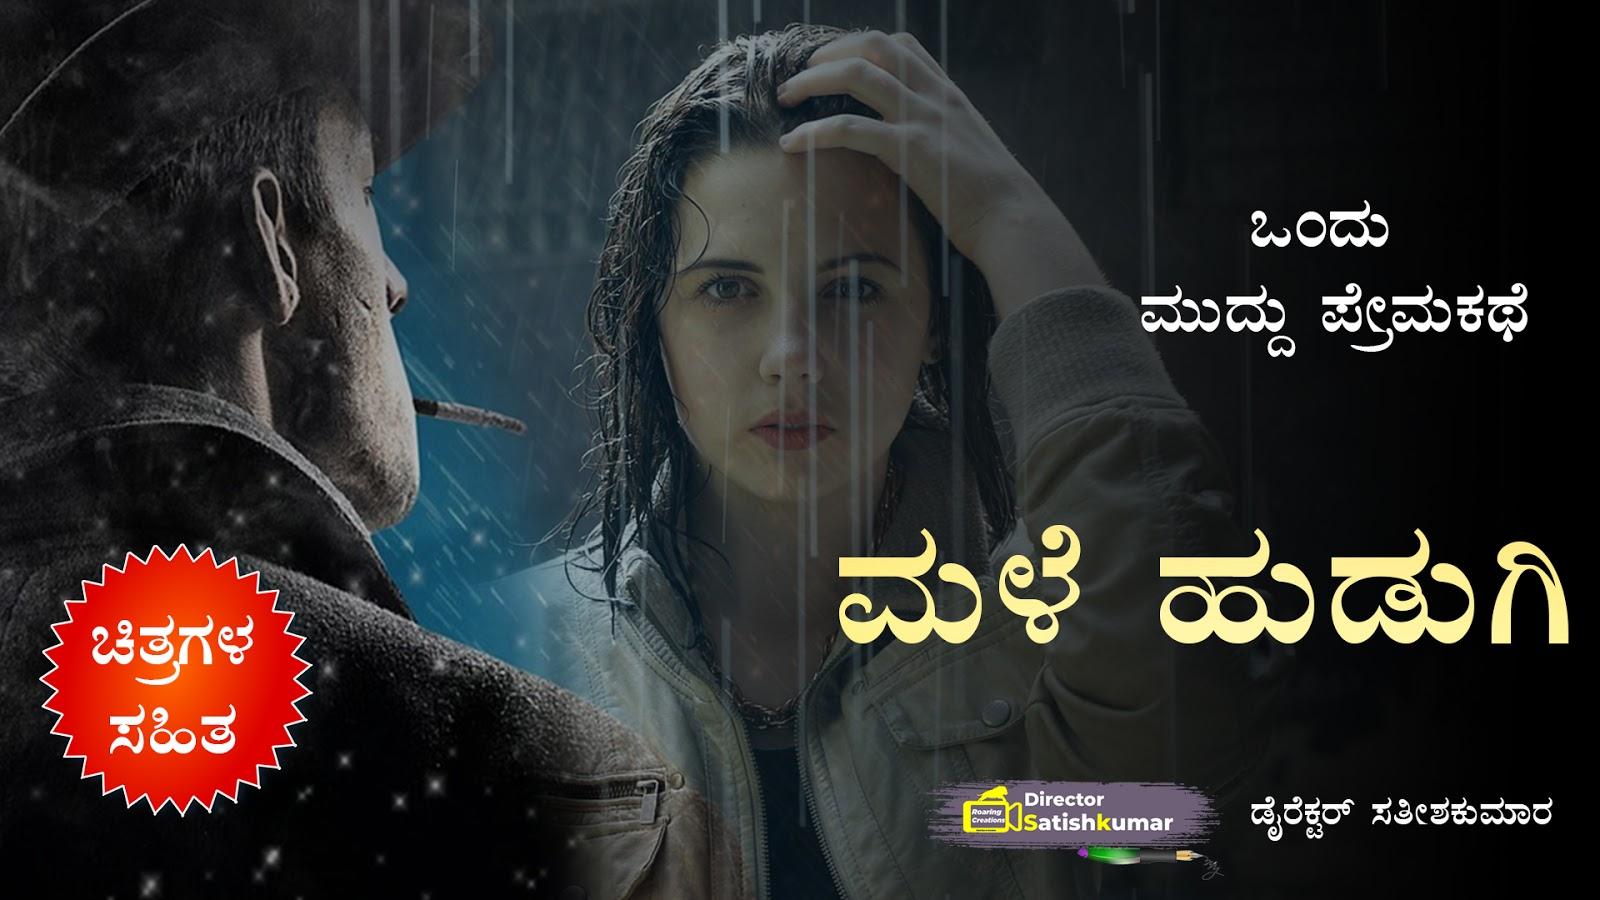 ಮಳೆ ಹುಡುಗಿ - ಒಂದು ಮುದ್ದು ಪ್ರೇಮಕಥೆ - One Cute Love Story in Kannada